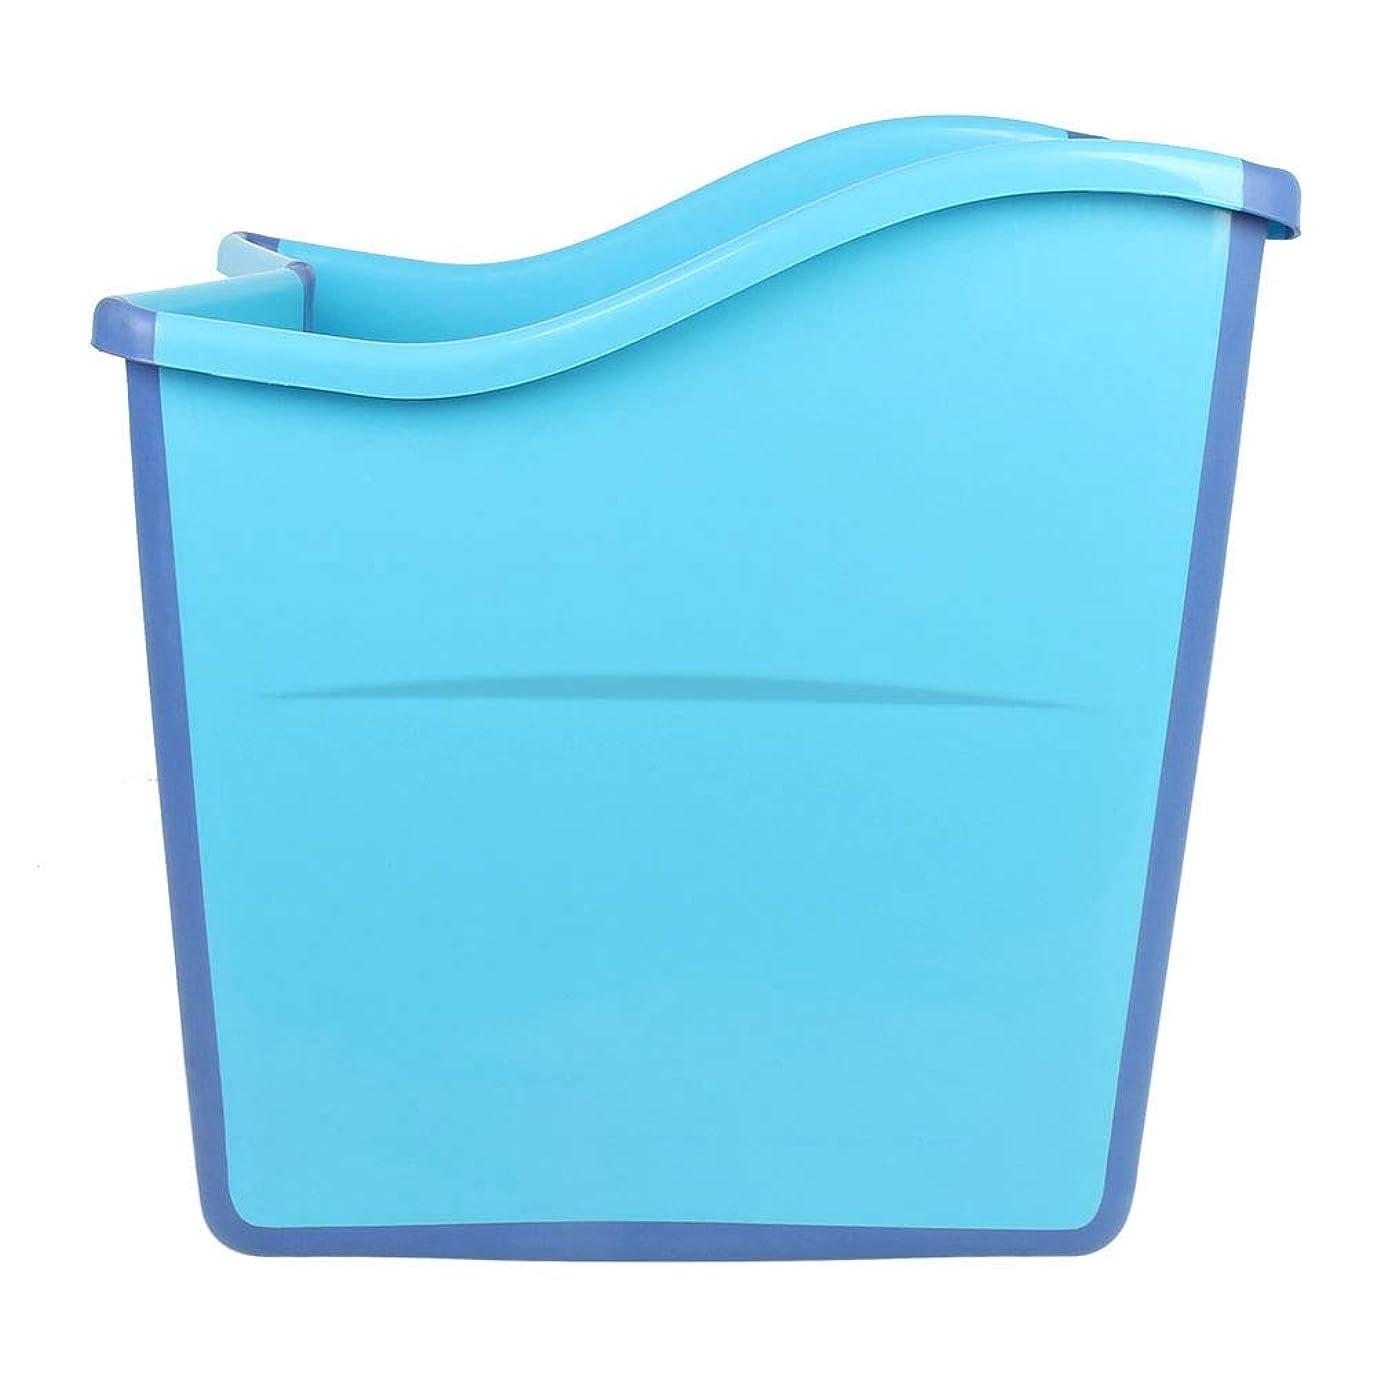 二次こしょう一般的に浴槽 折りたたみバスタブ 大人 お風呂 バスルームスパ 自宅用 家族用 バスタブプール 入浴用品 持ち運びやすい 贈り物 プレゼント 高耐久性 ロング 快適 子供の浴槽 ブルー